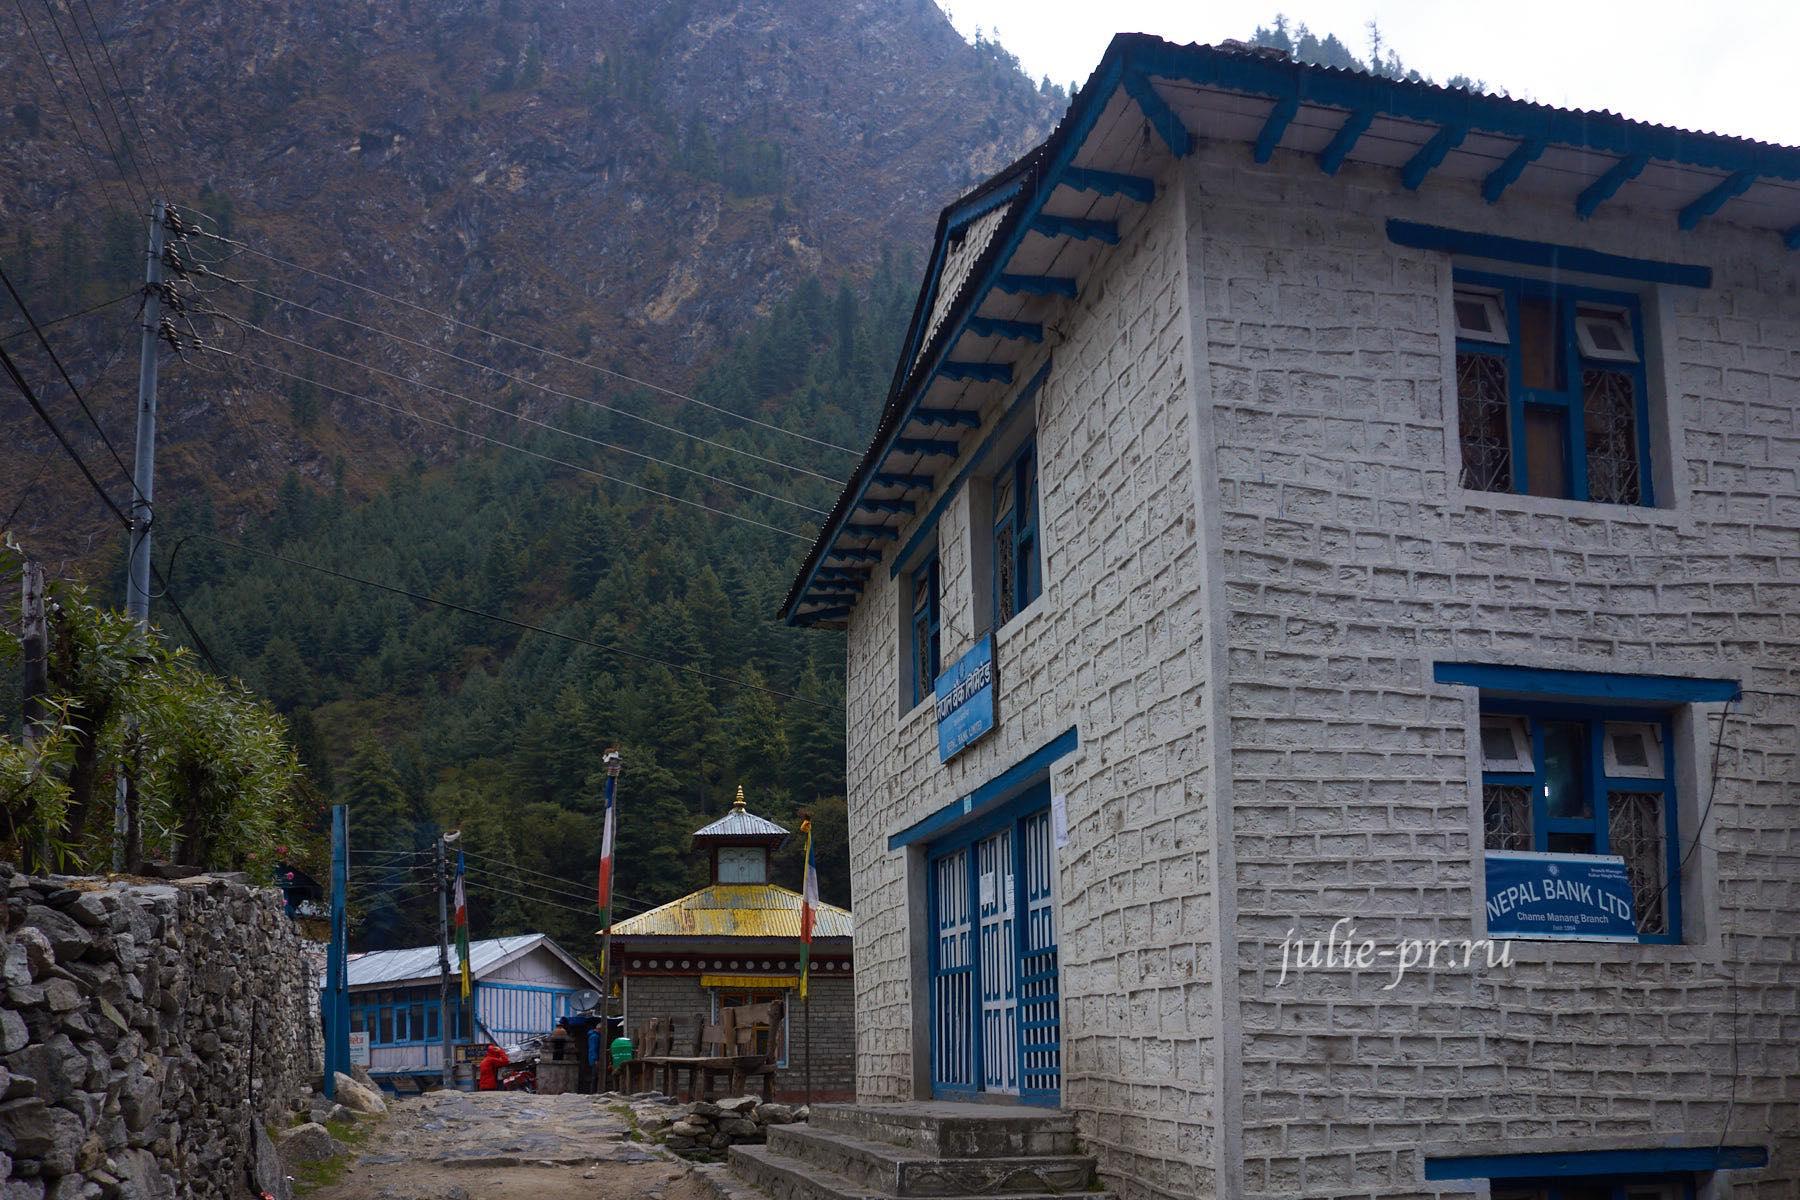 Непал, Трек вокруг Аннапурны, Банк Чаме